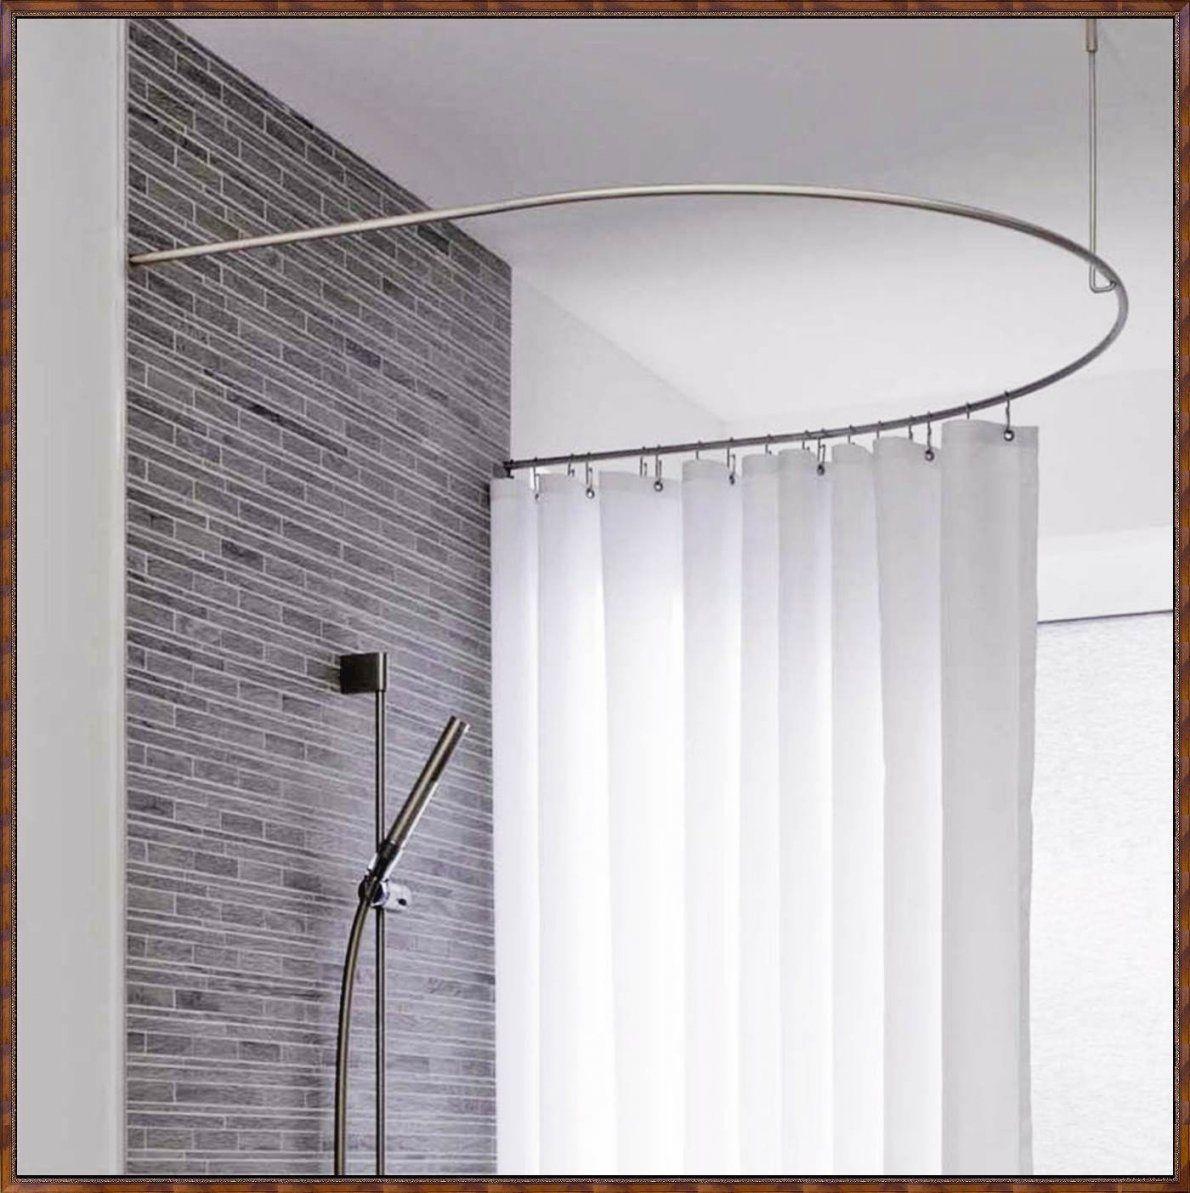 Einzigartig Duschvorhang Halterung Badewanne Jz83 Hitoiro Von von Duschvorhang Halterung Für Badewanne Bild